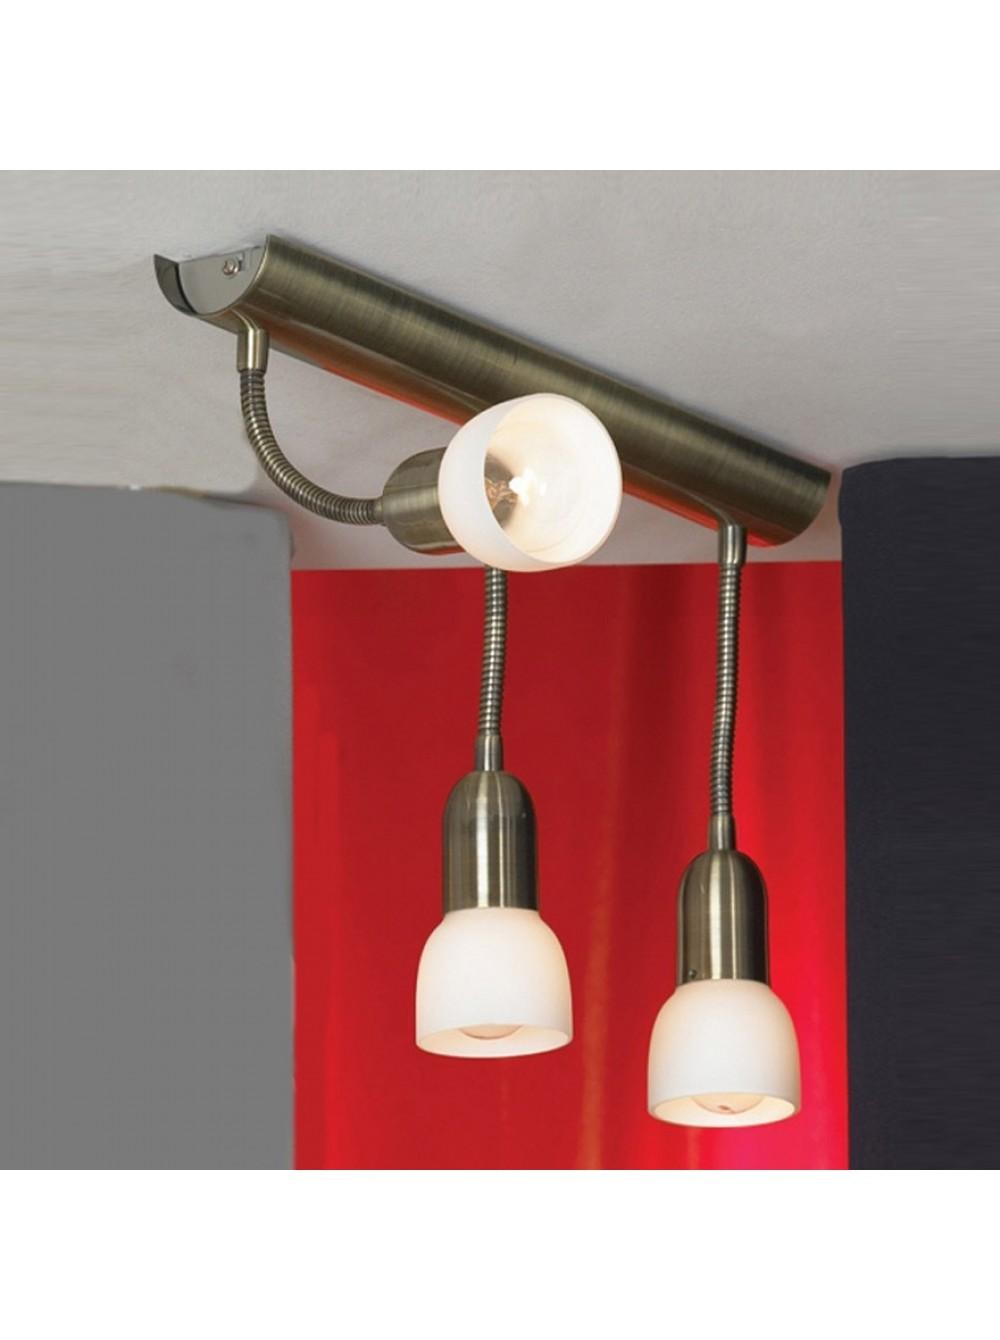 люстра с тремя лампами и гибким держателем.